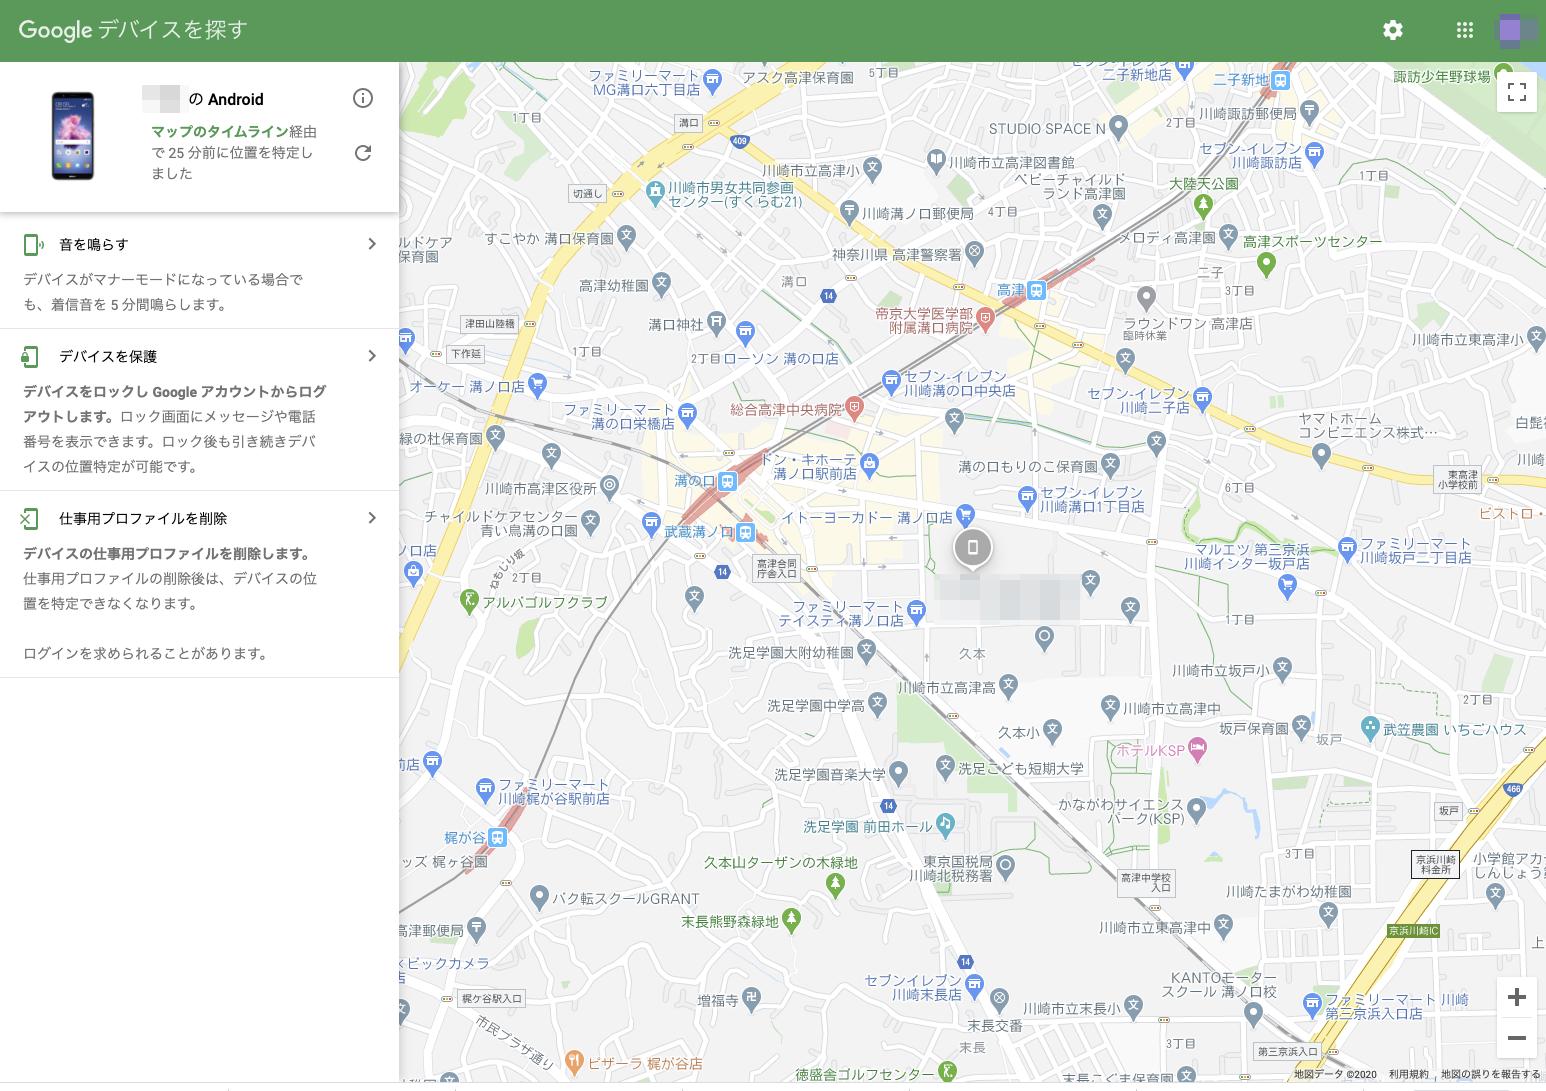 地図上で端末場所が表示